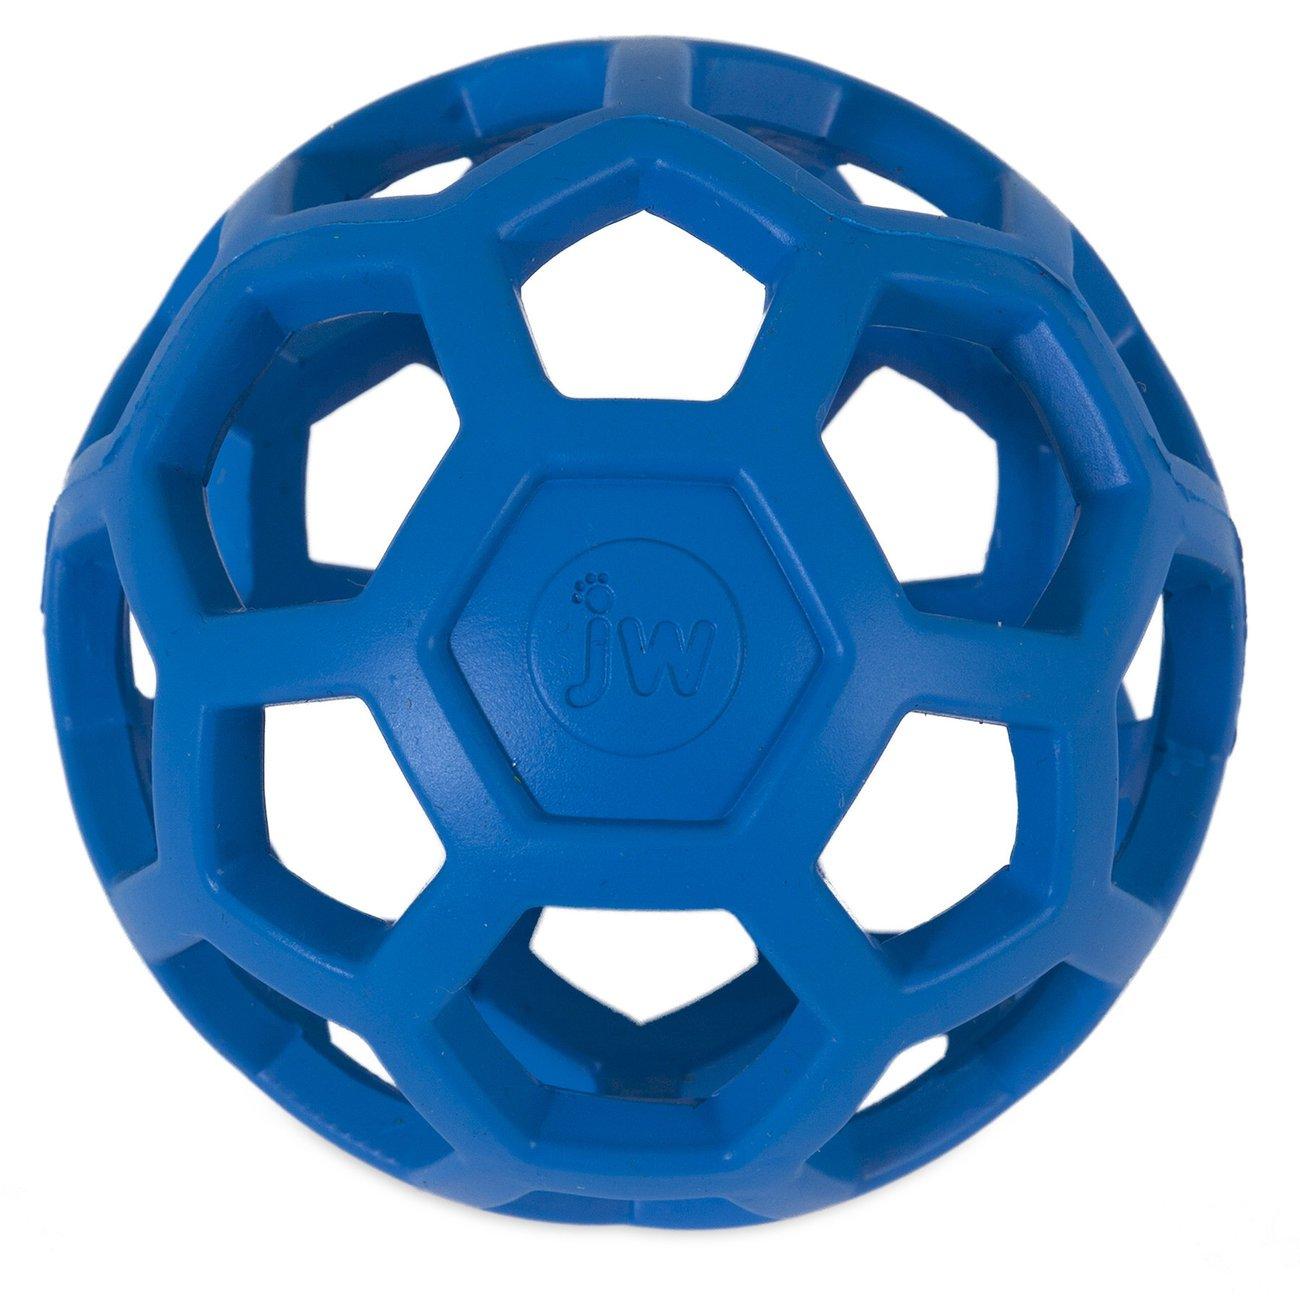 JW Pet HOL-EE Roller Lochball für Hunde, Bild 4